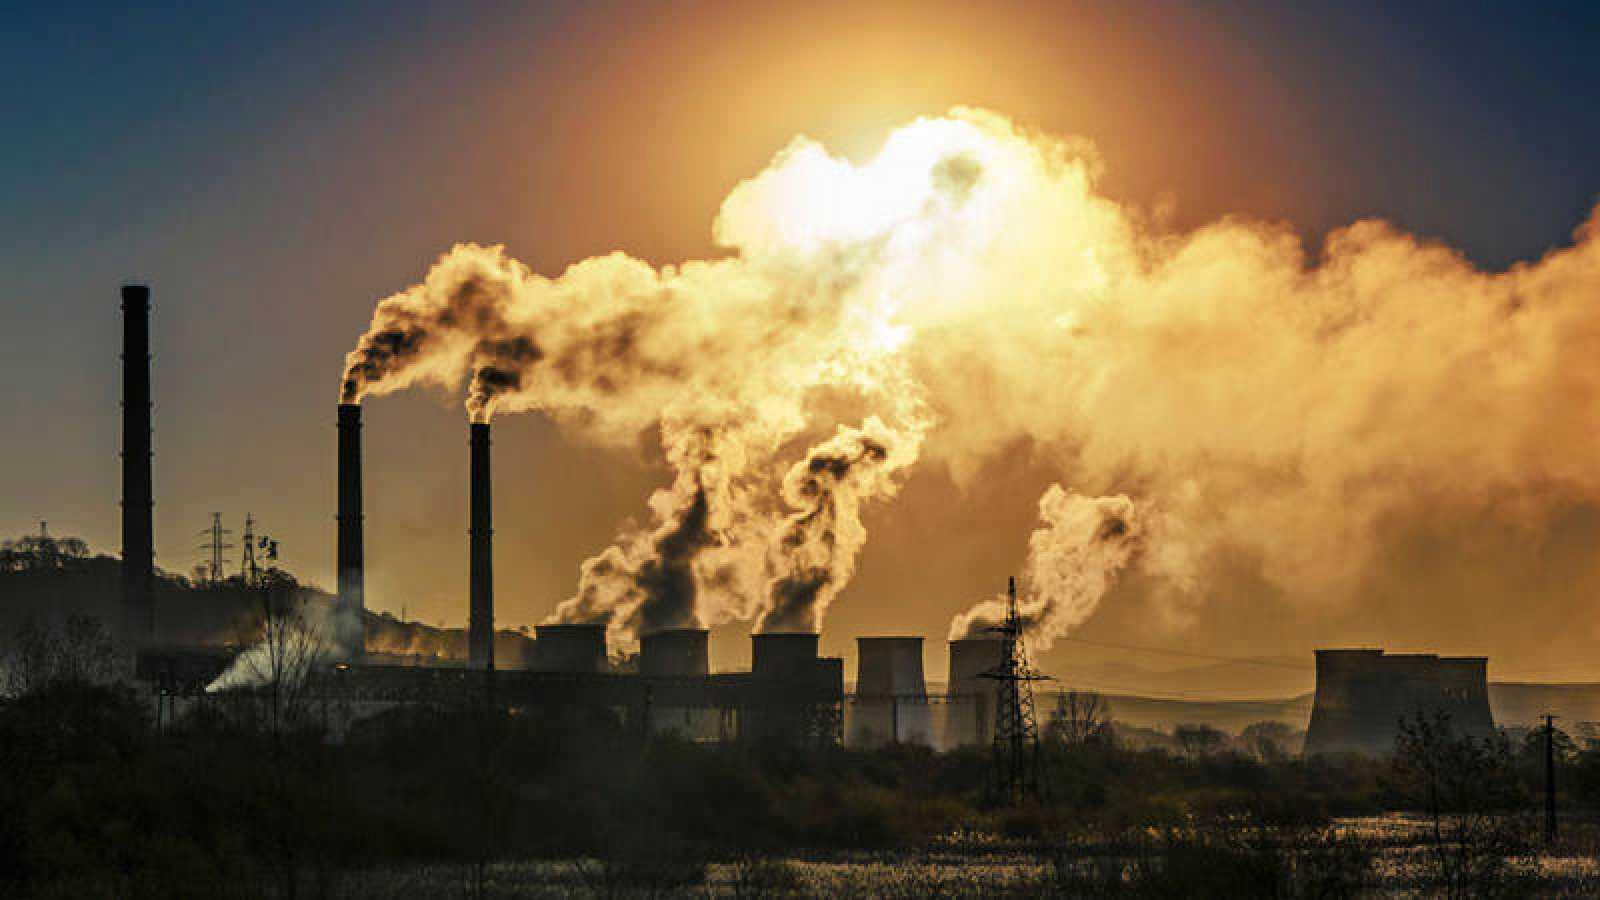 Una fábrica emitiendo dióxido de carbono a la atmósfera